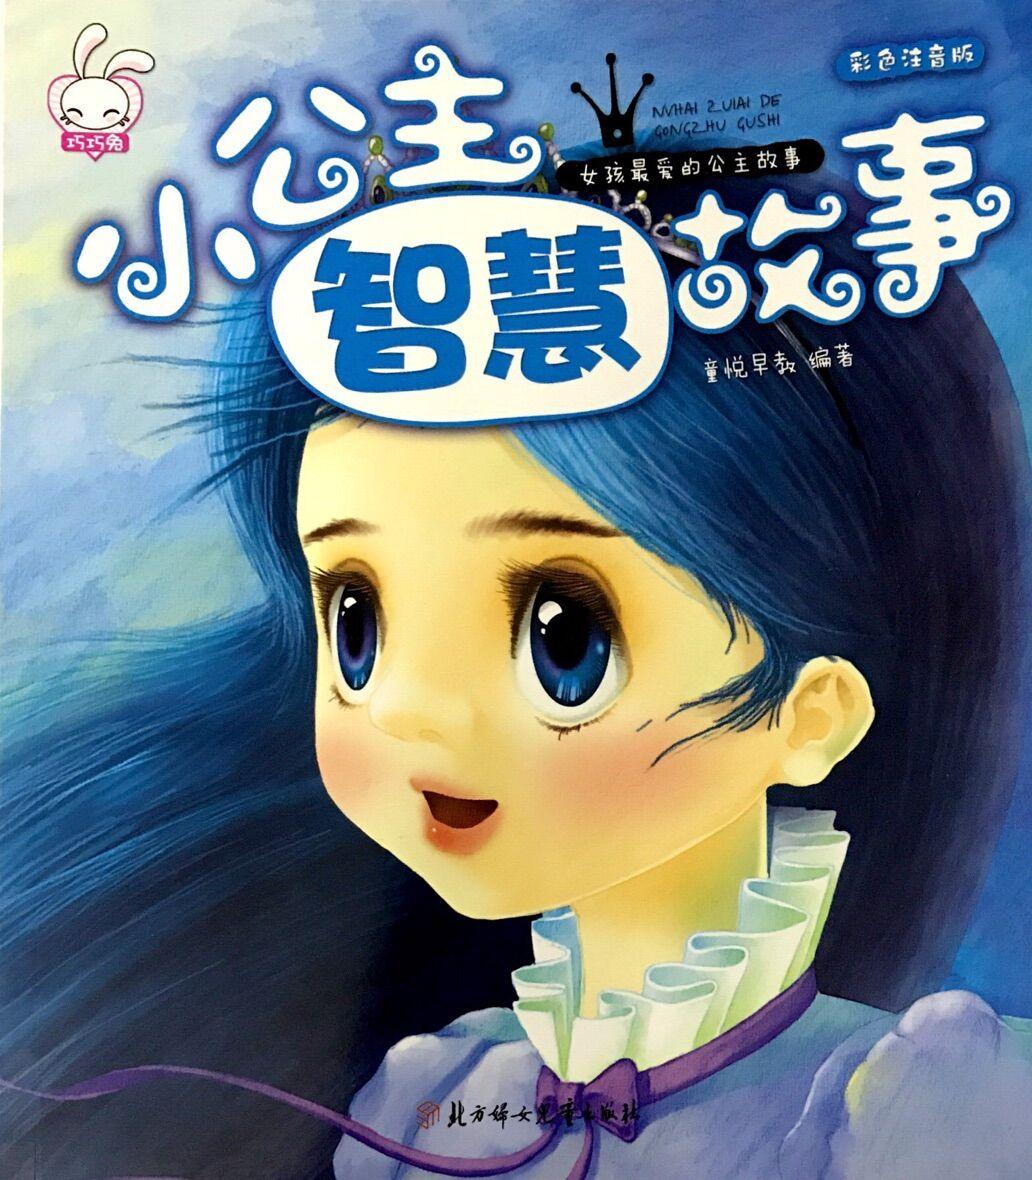 女孩最爱的公主故事:小公主智慧故事